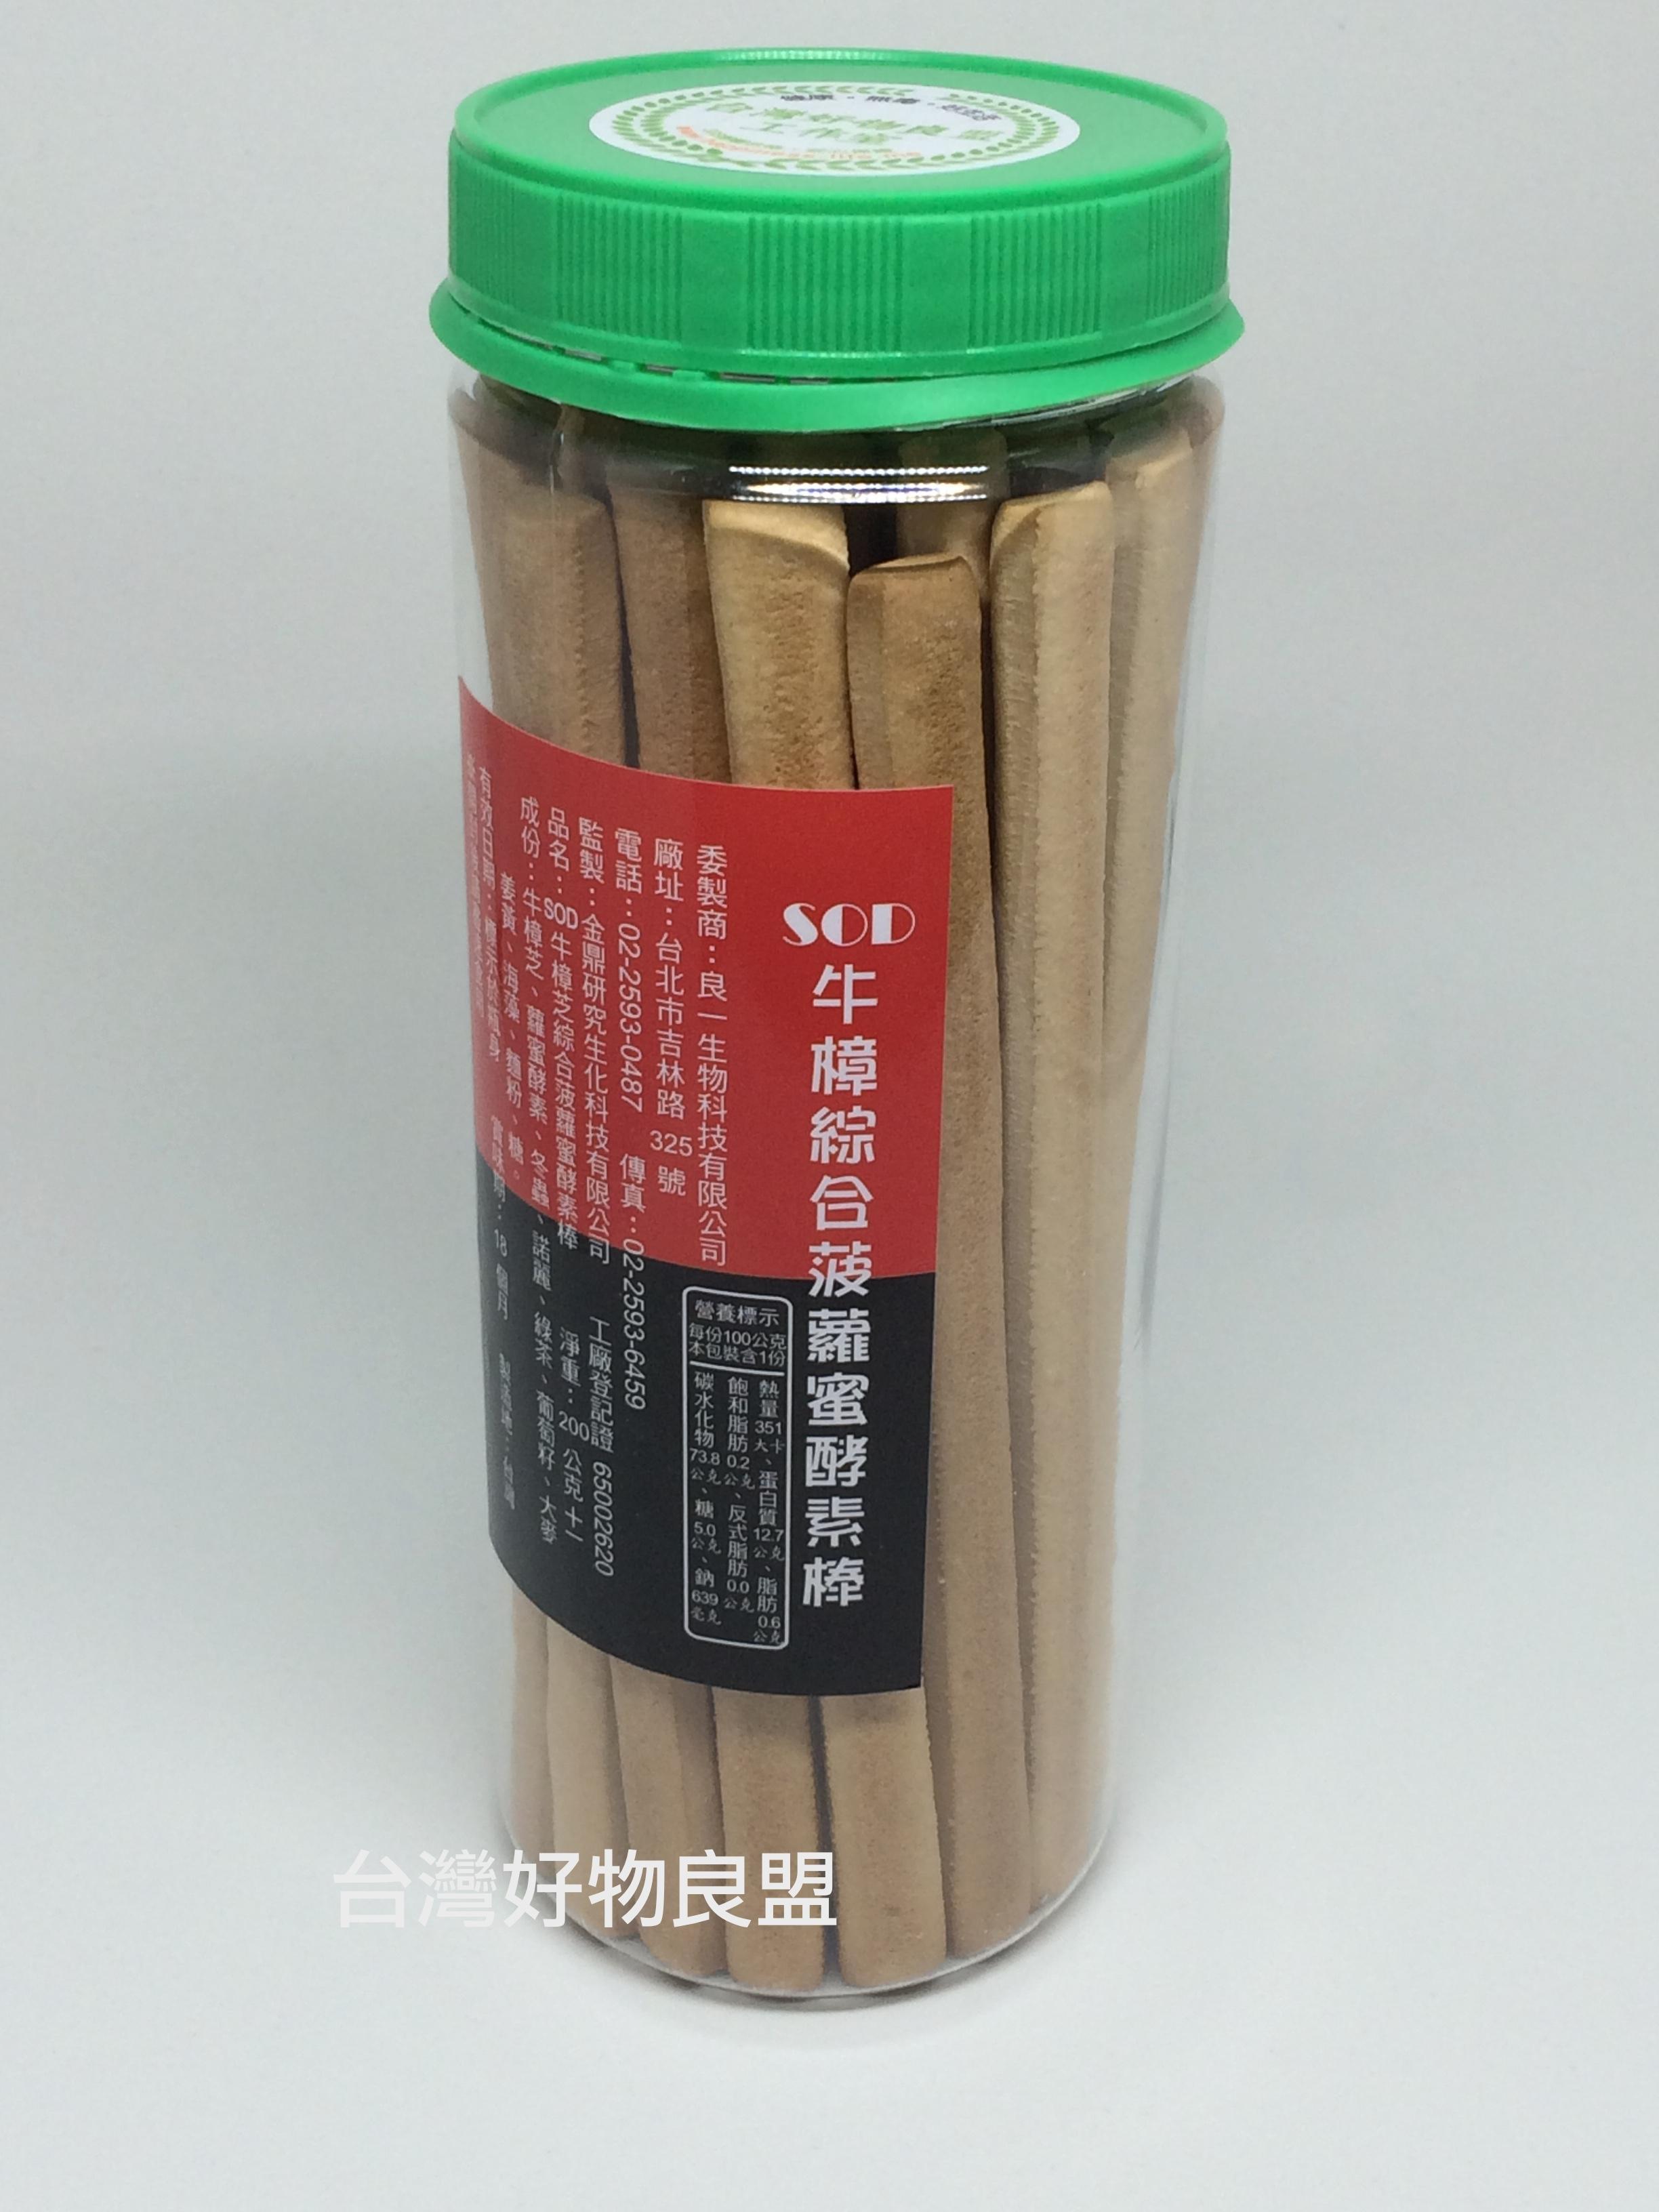 SOD綜合菠蘿蜜酵素棒-1罐